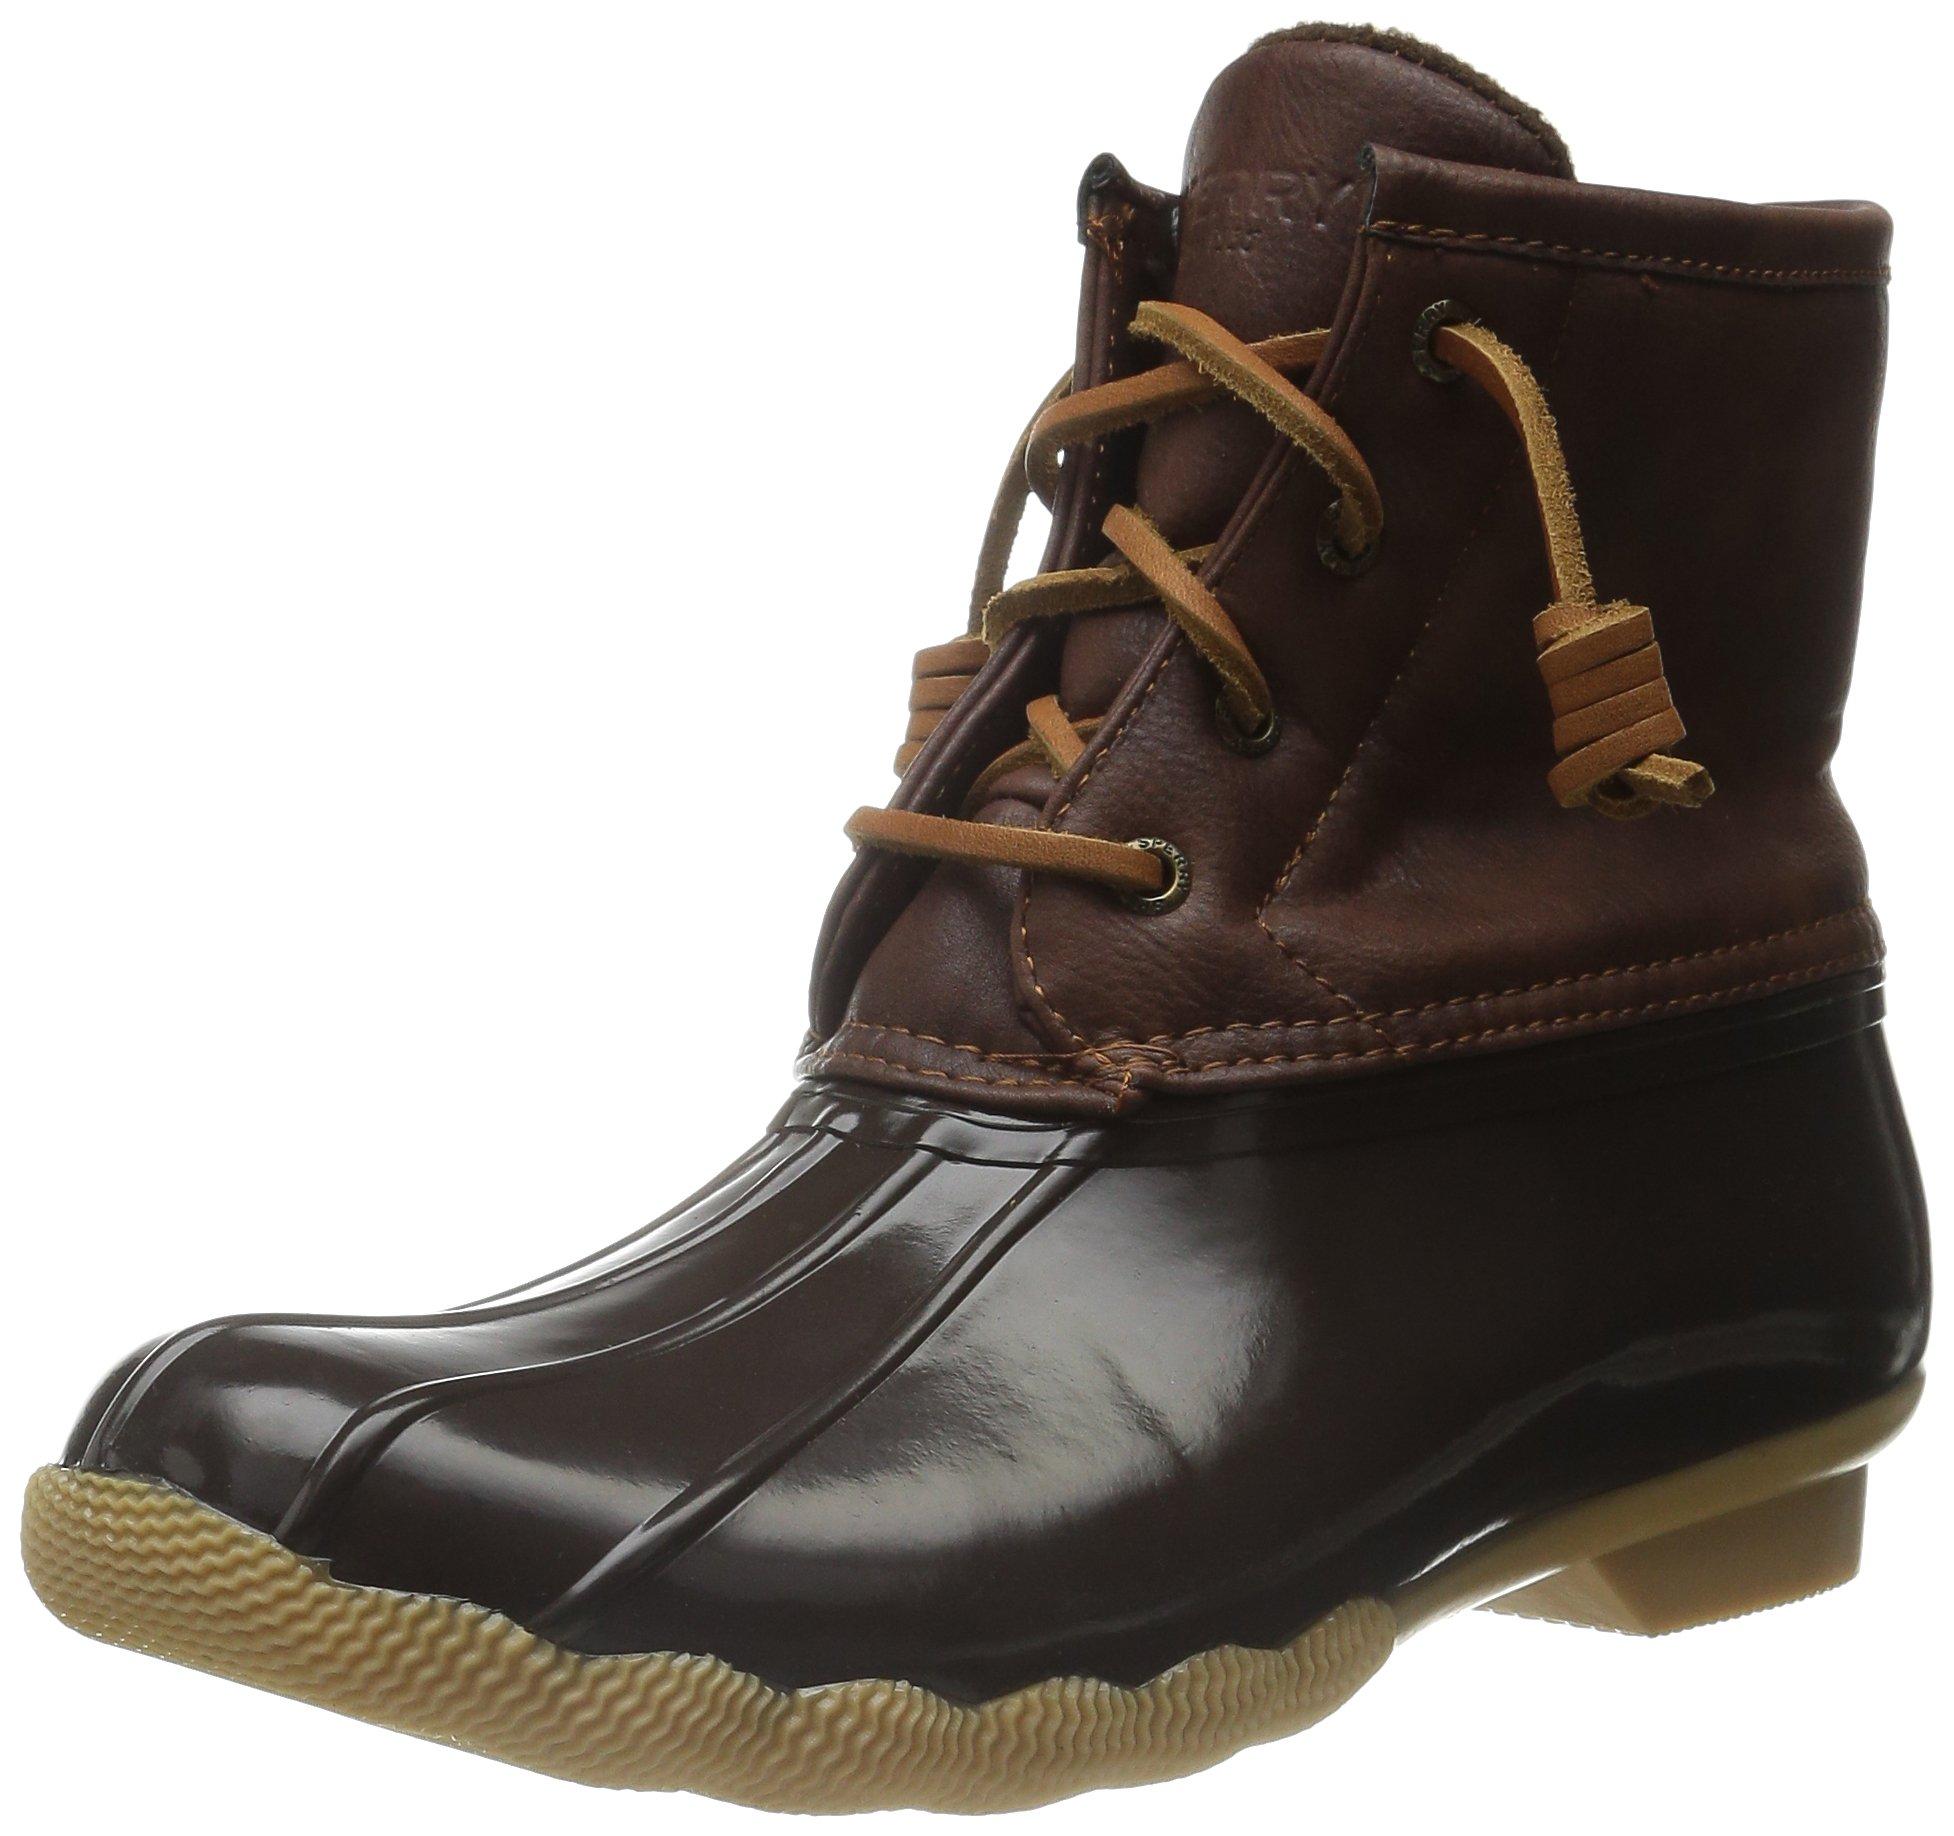 Sperry Saltwater Rain Boot (Little Kid/Big Kid), Brown/Brown, 5 M US Big Kid